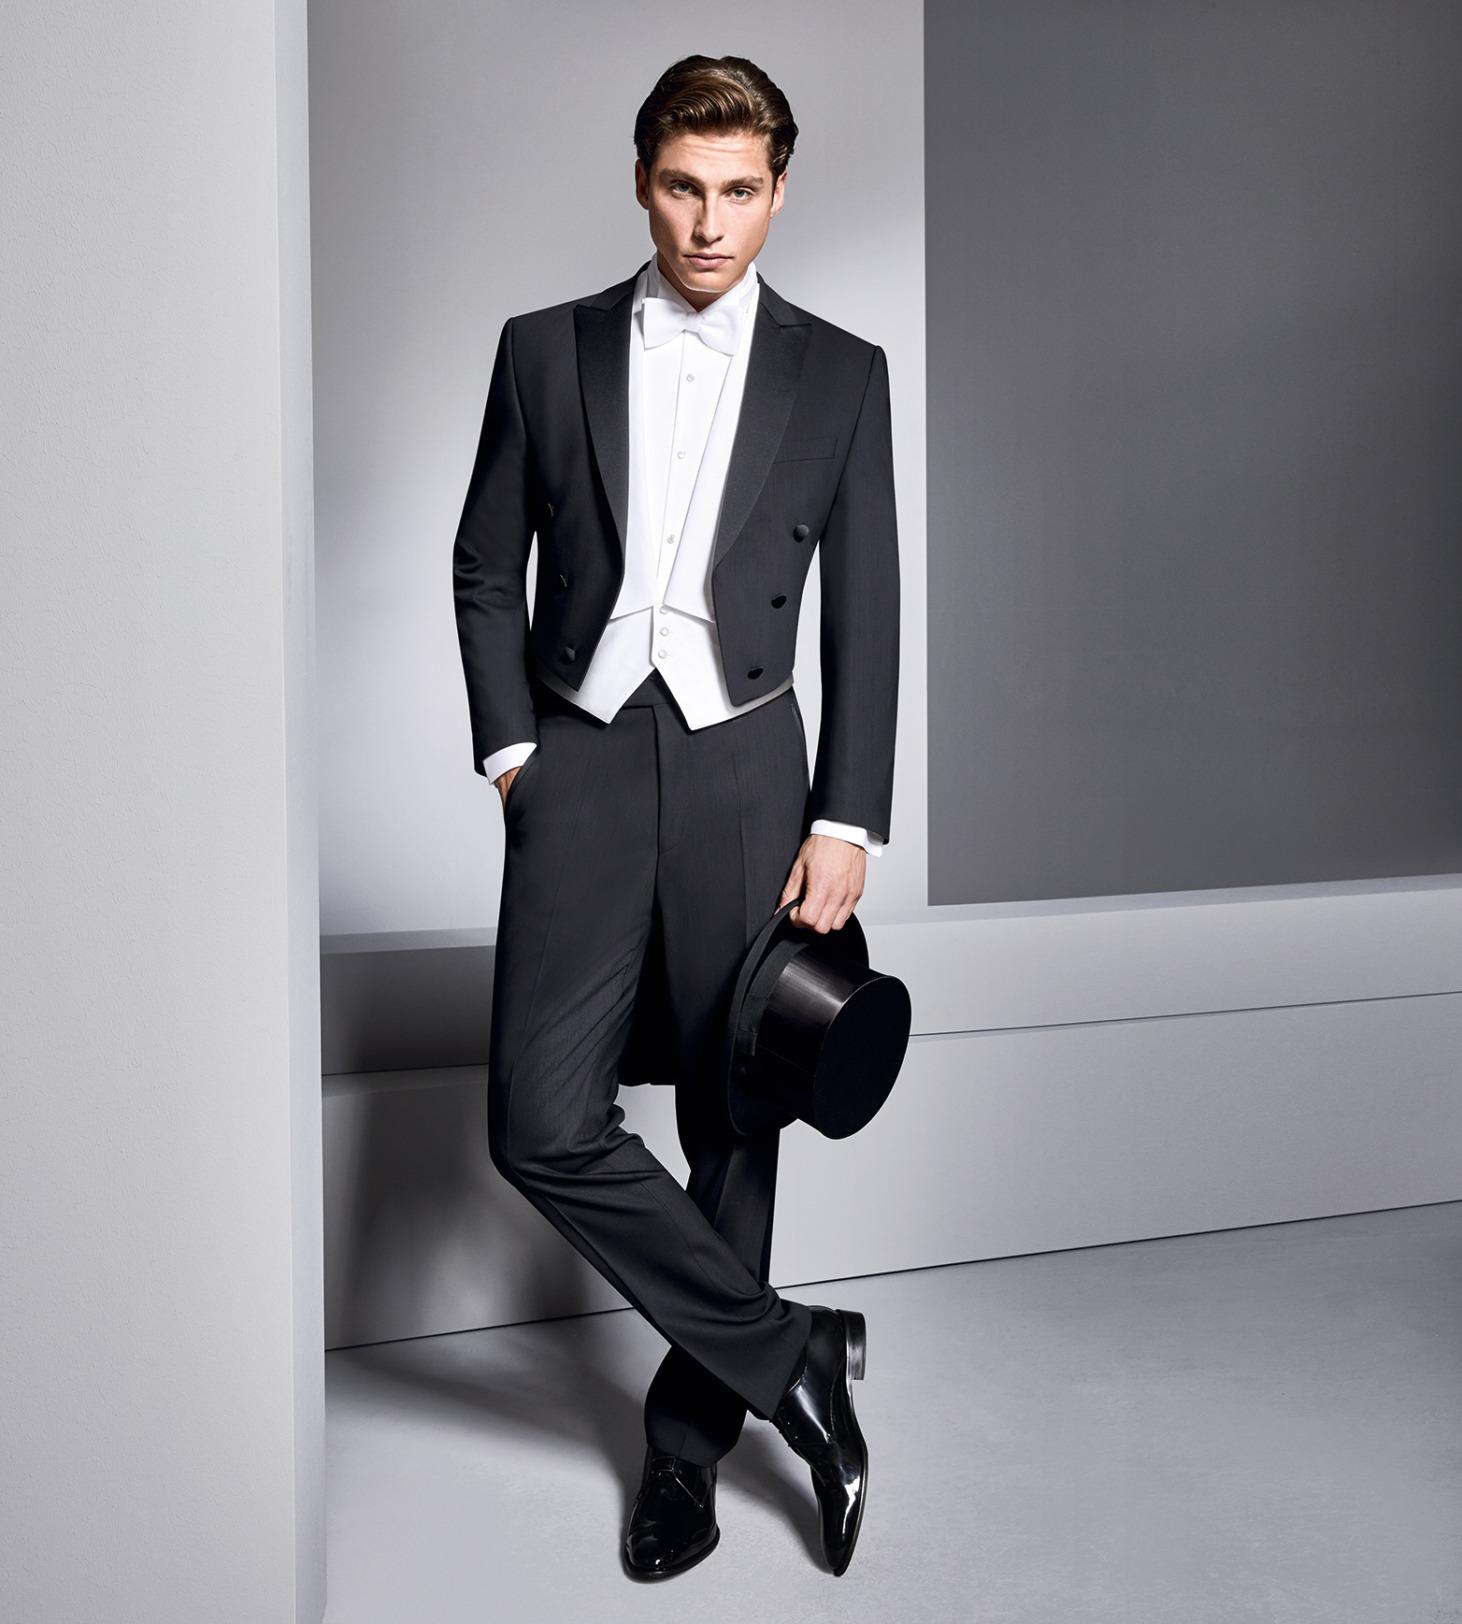 Wilvorst Hochzeitsanzug Männer Mode Anlass Bräutigam Frack klassische Form tailliert schwarz mit weisser Weste und Frackhemd weiß und weißer Fliege Zylinder schwarz